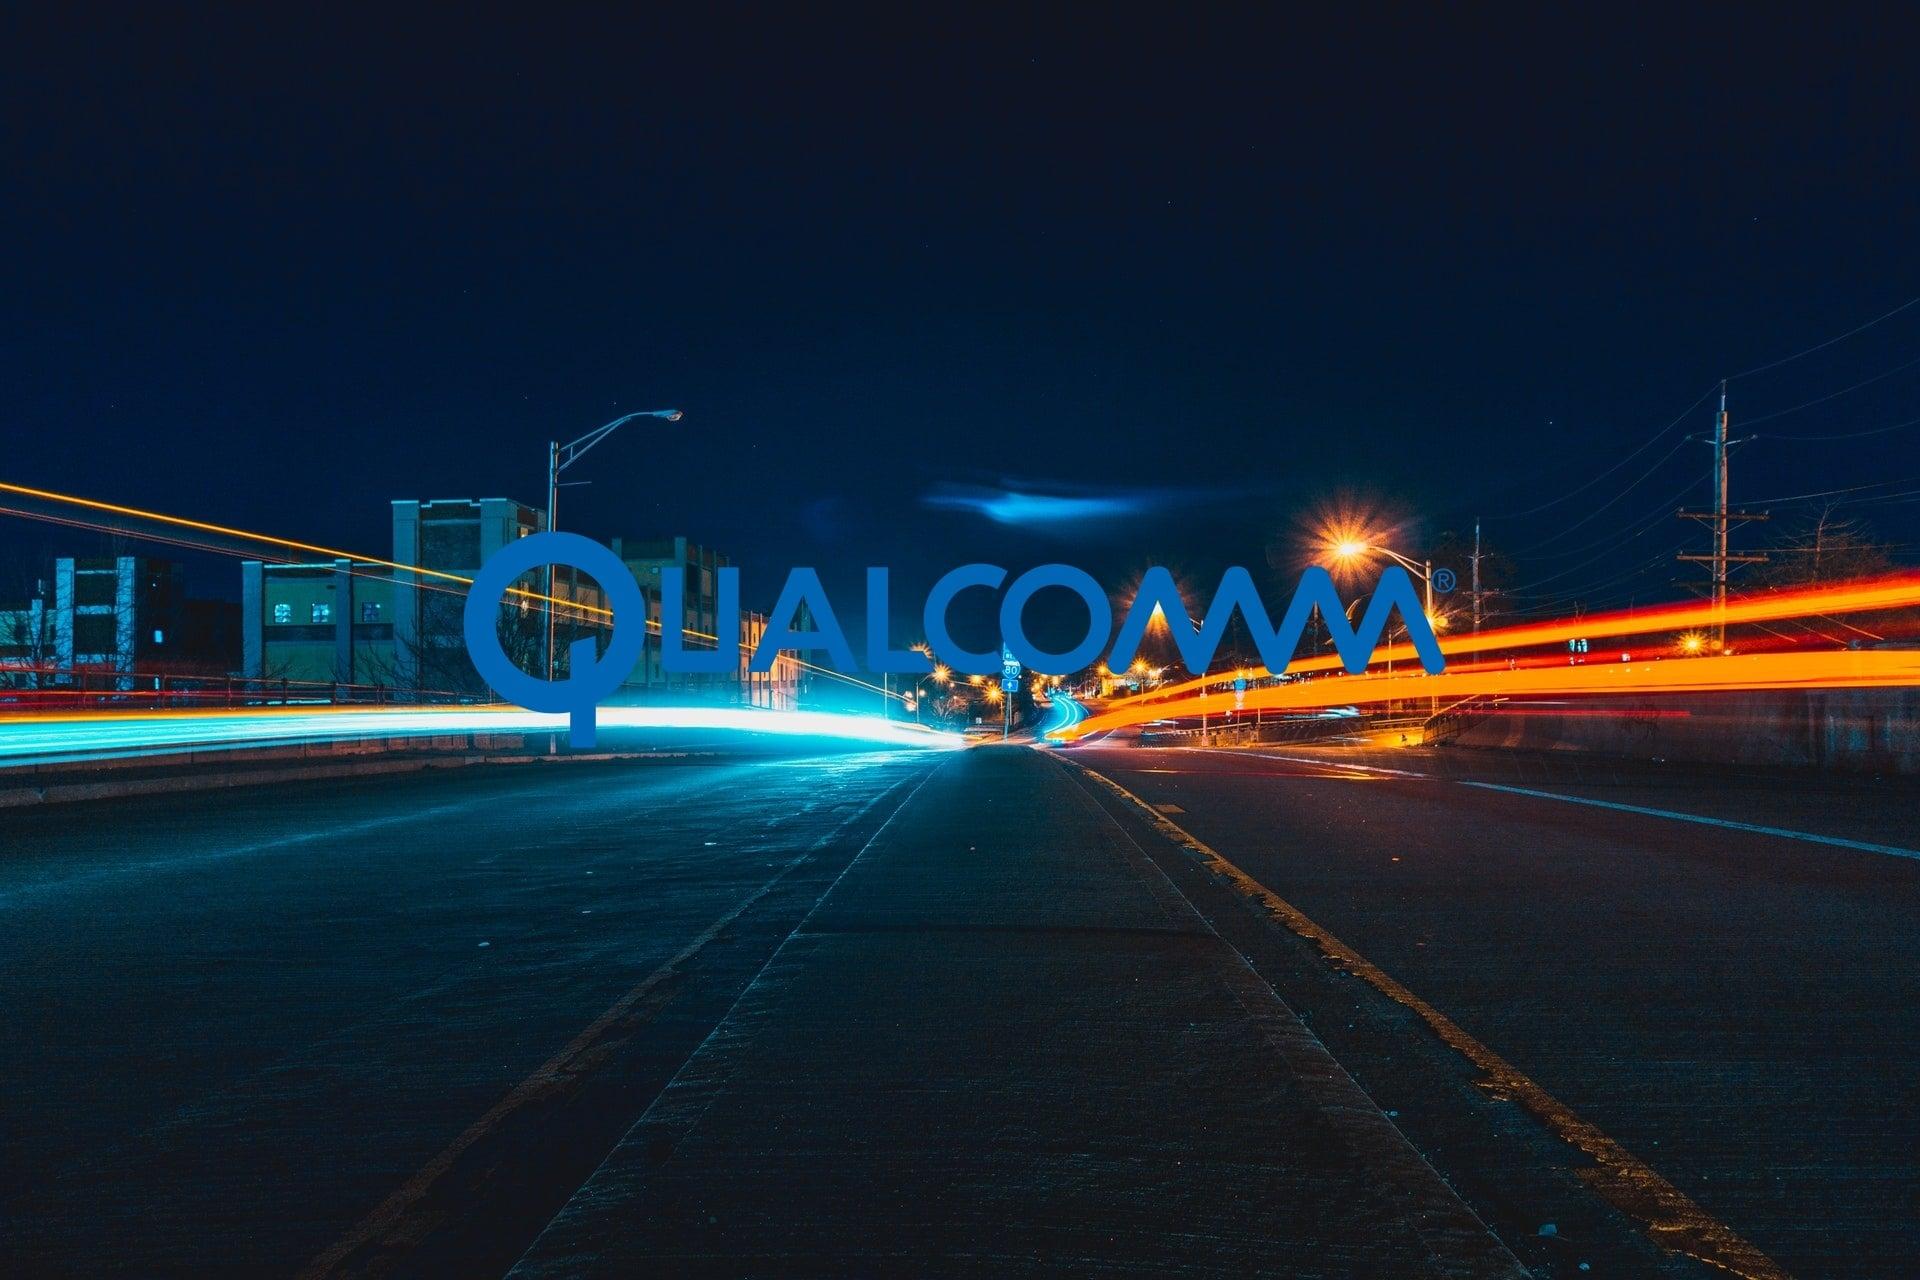 Qualcomm gotuje się ze złości. Apple ujawniło jego plany co do nowych modemów 5G